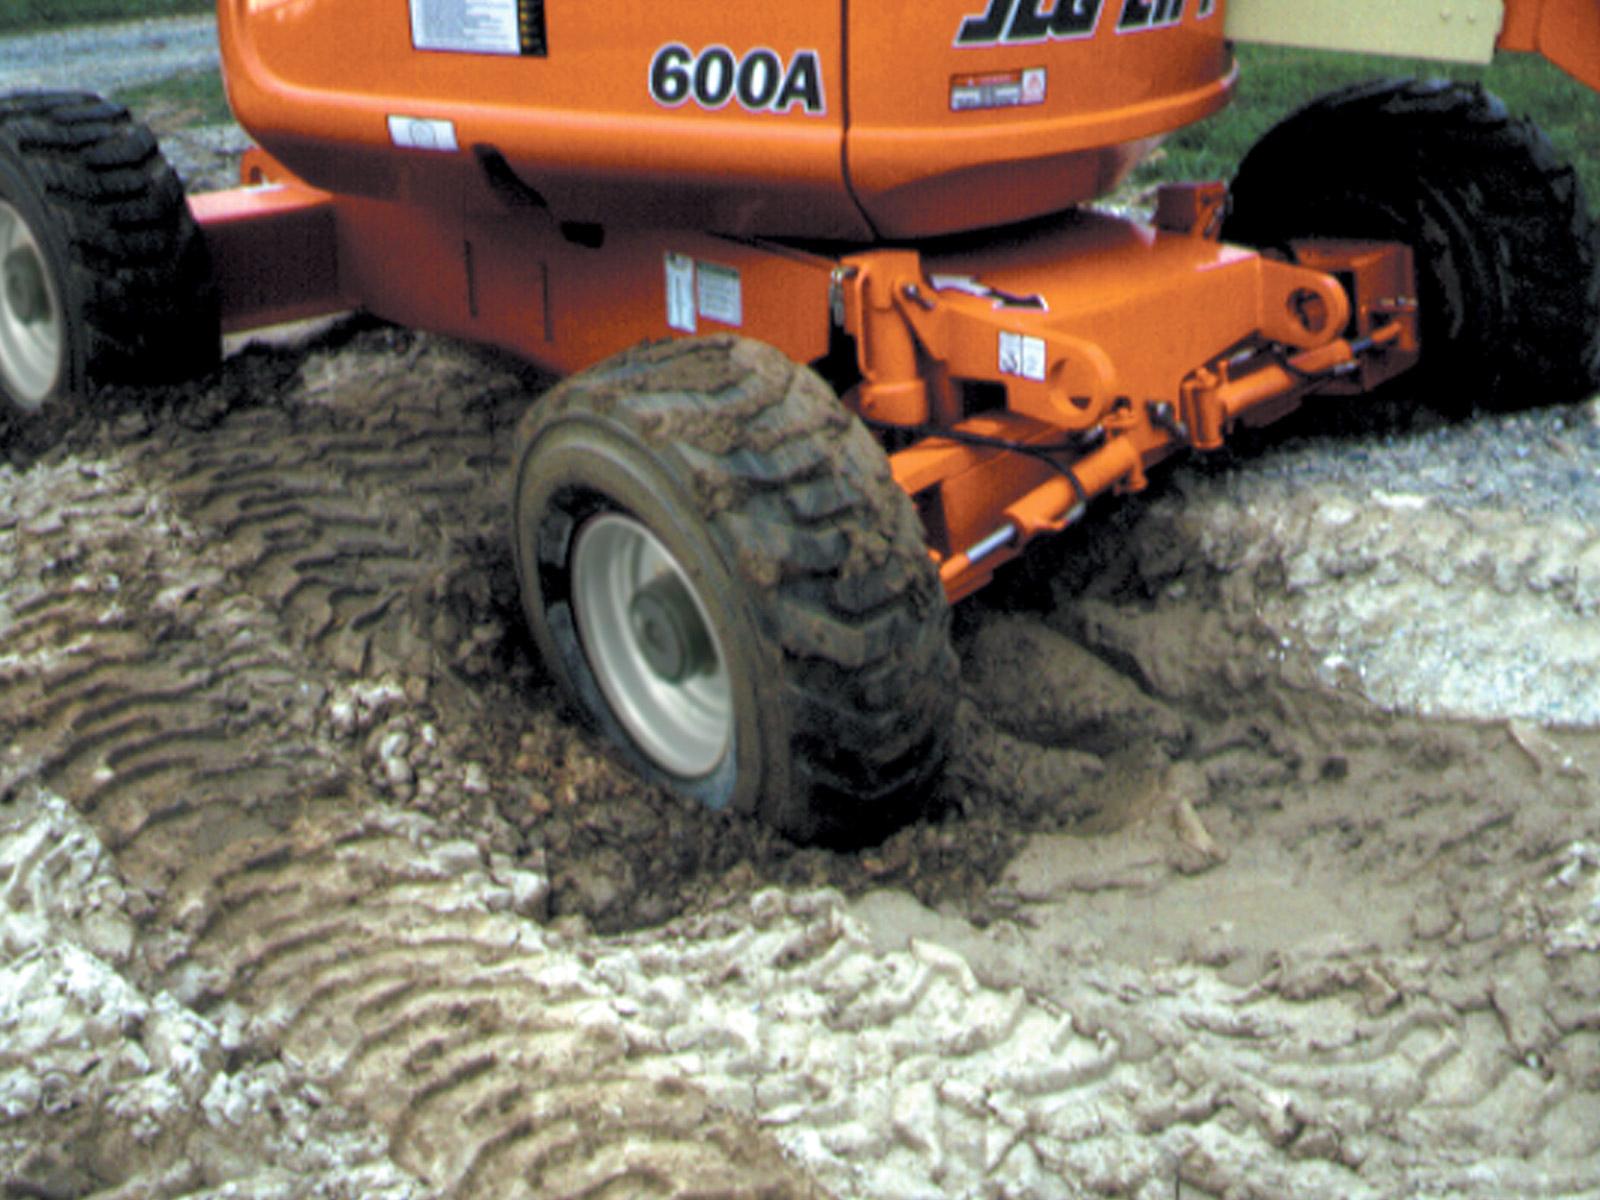 600a articulating boom lift jlg articulating boom lifts